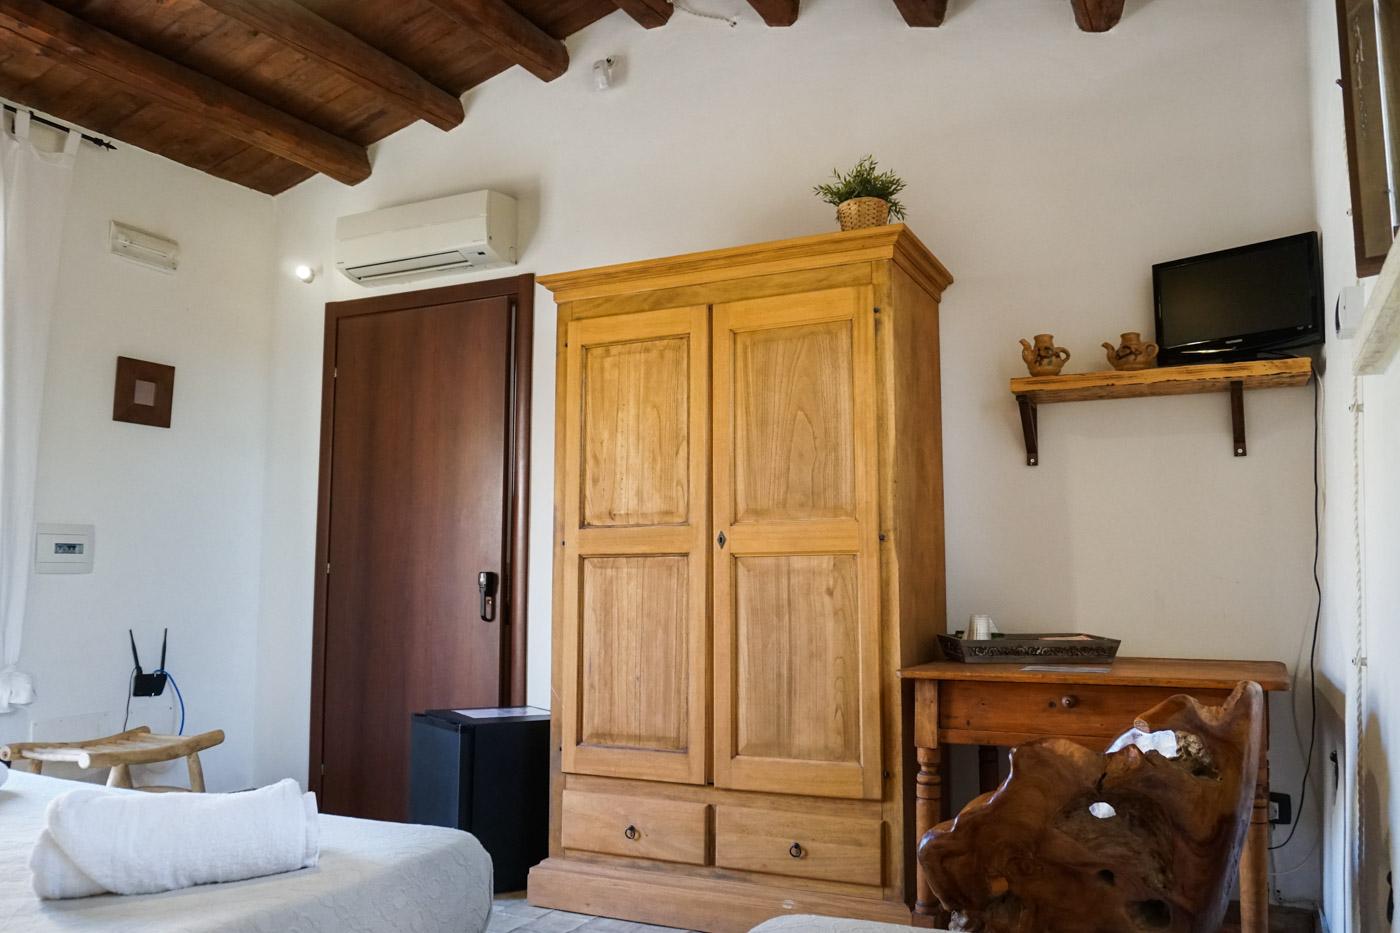 capriata-01399